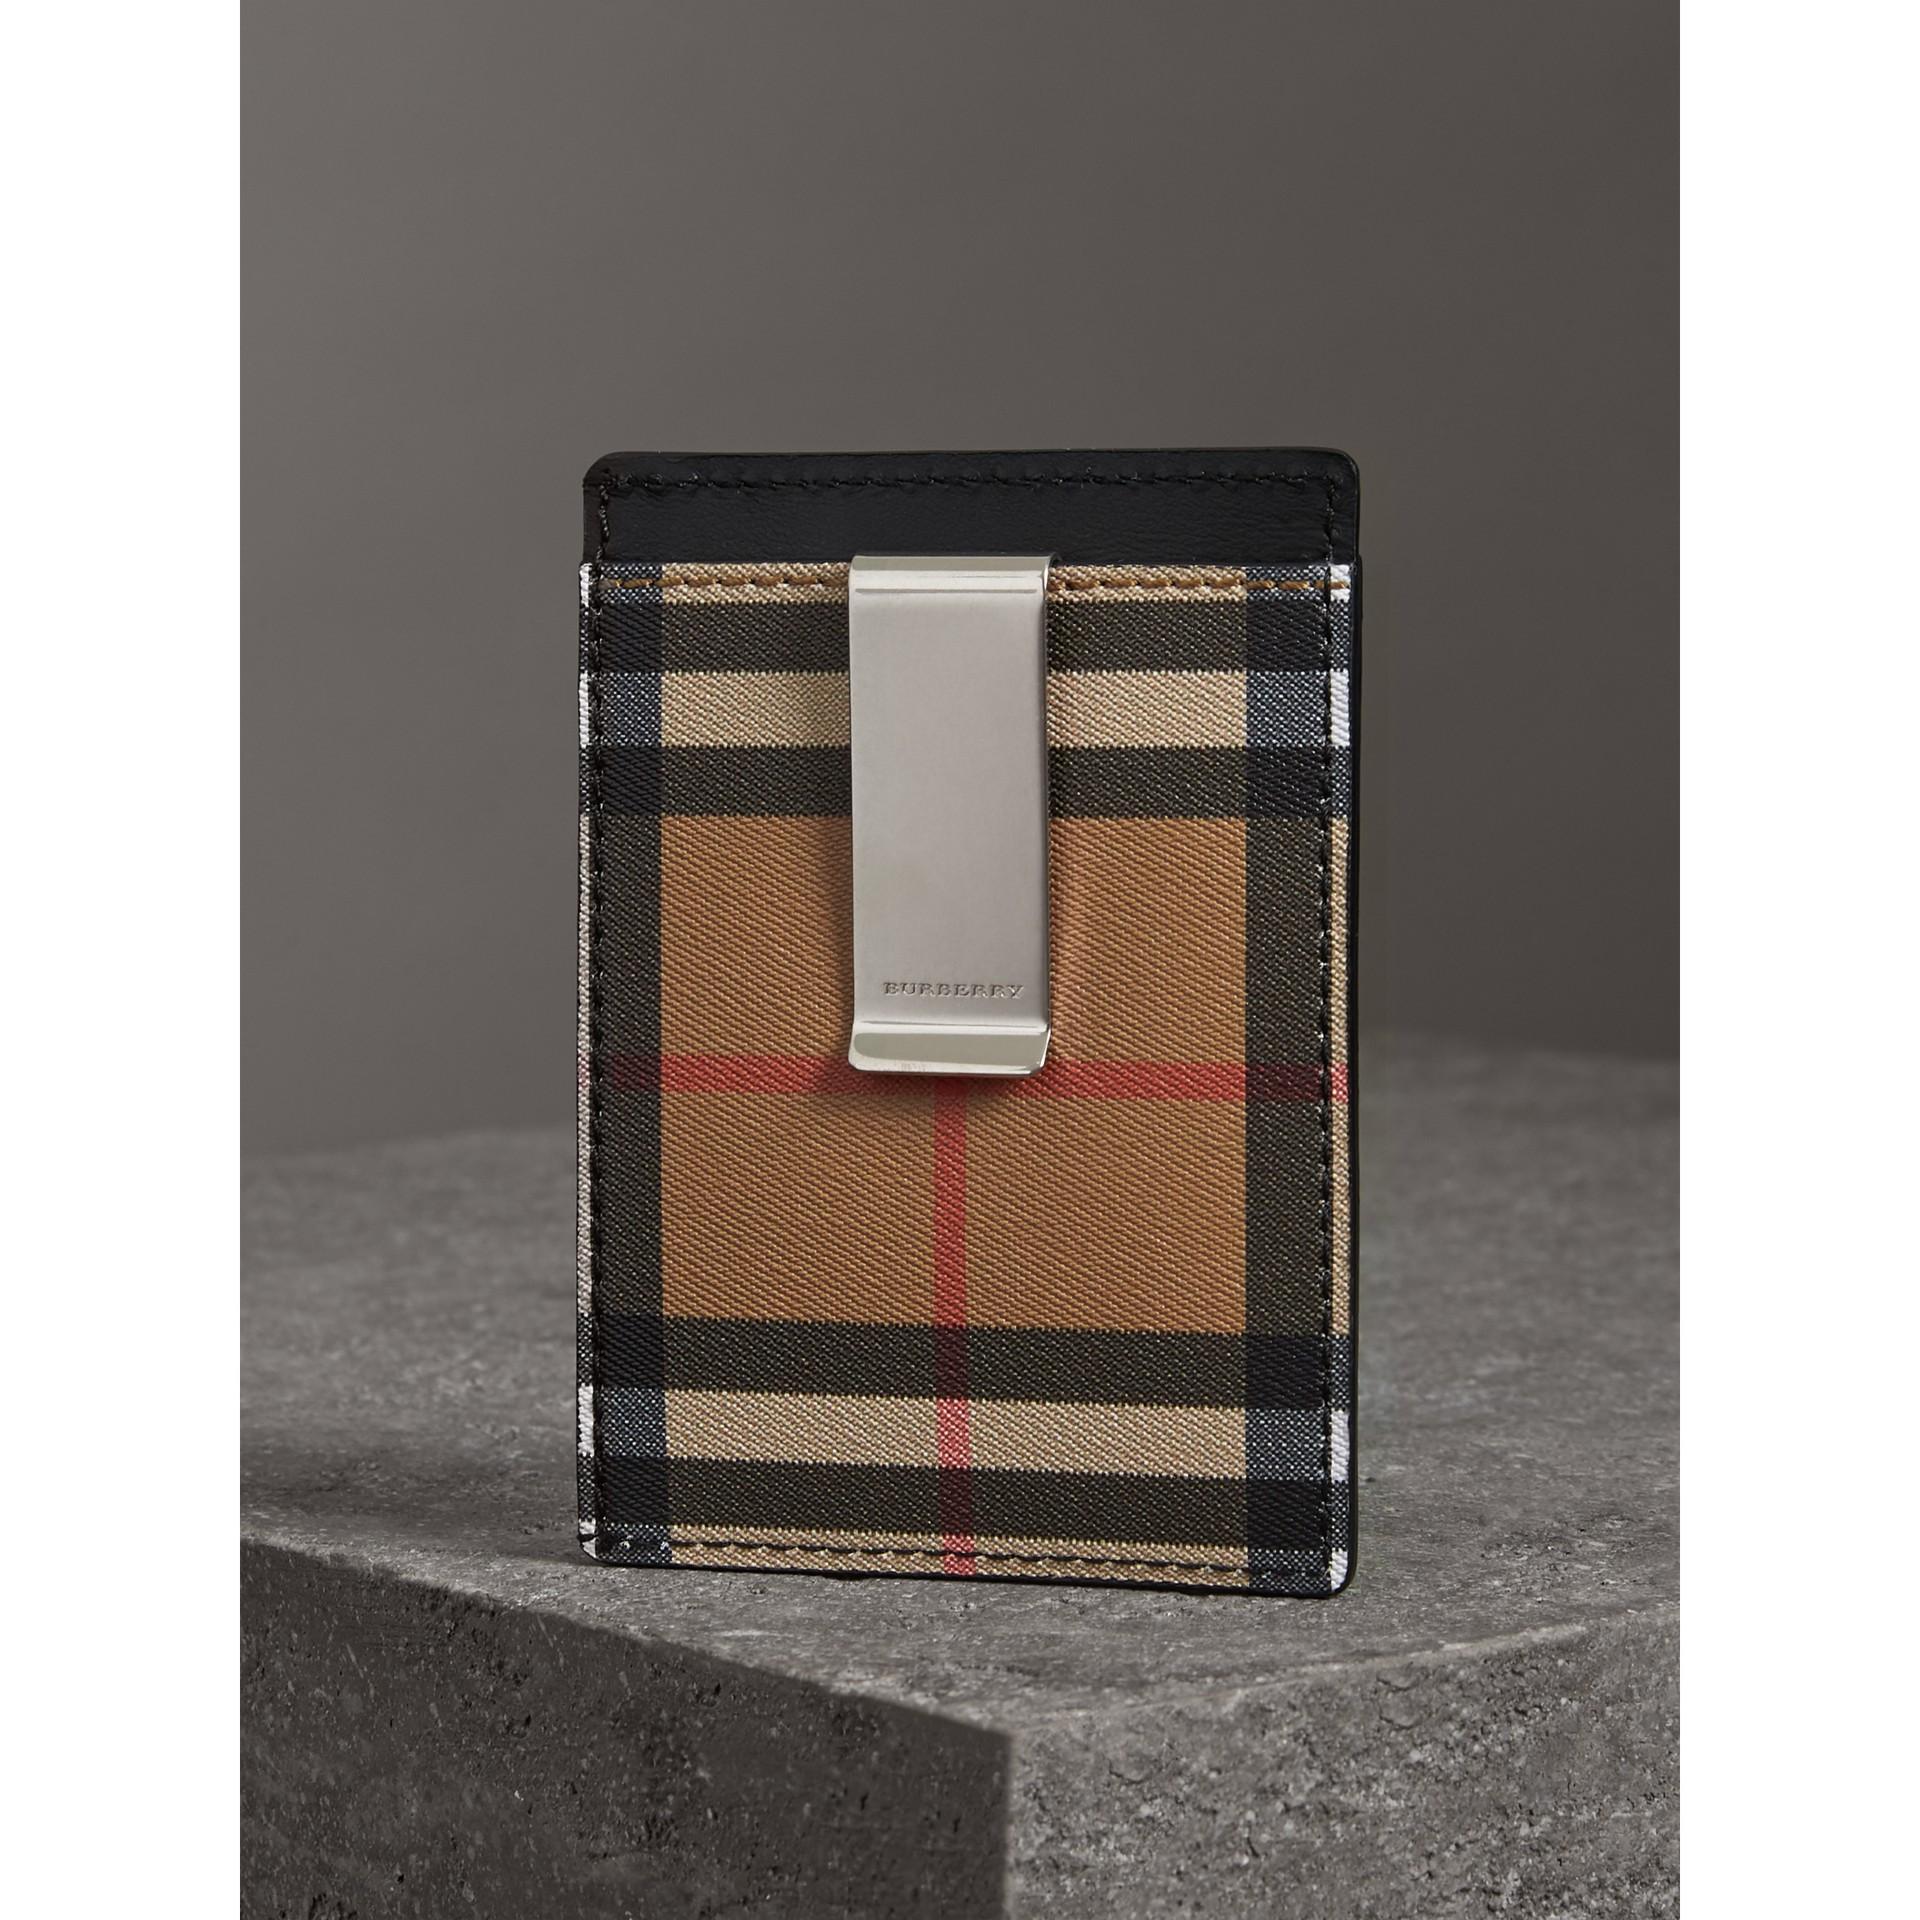 ヴィンテージチェック&レザー マネークリップ カードケース (ブラック) - メンズ | バーバリー - ギャラリーイメージ 2